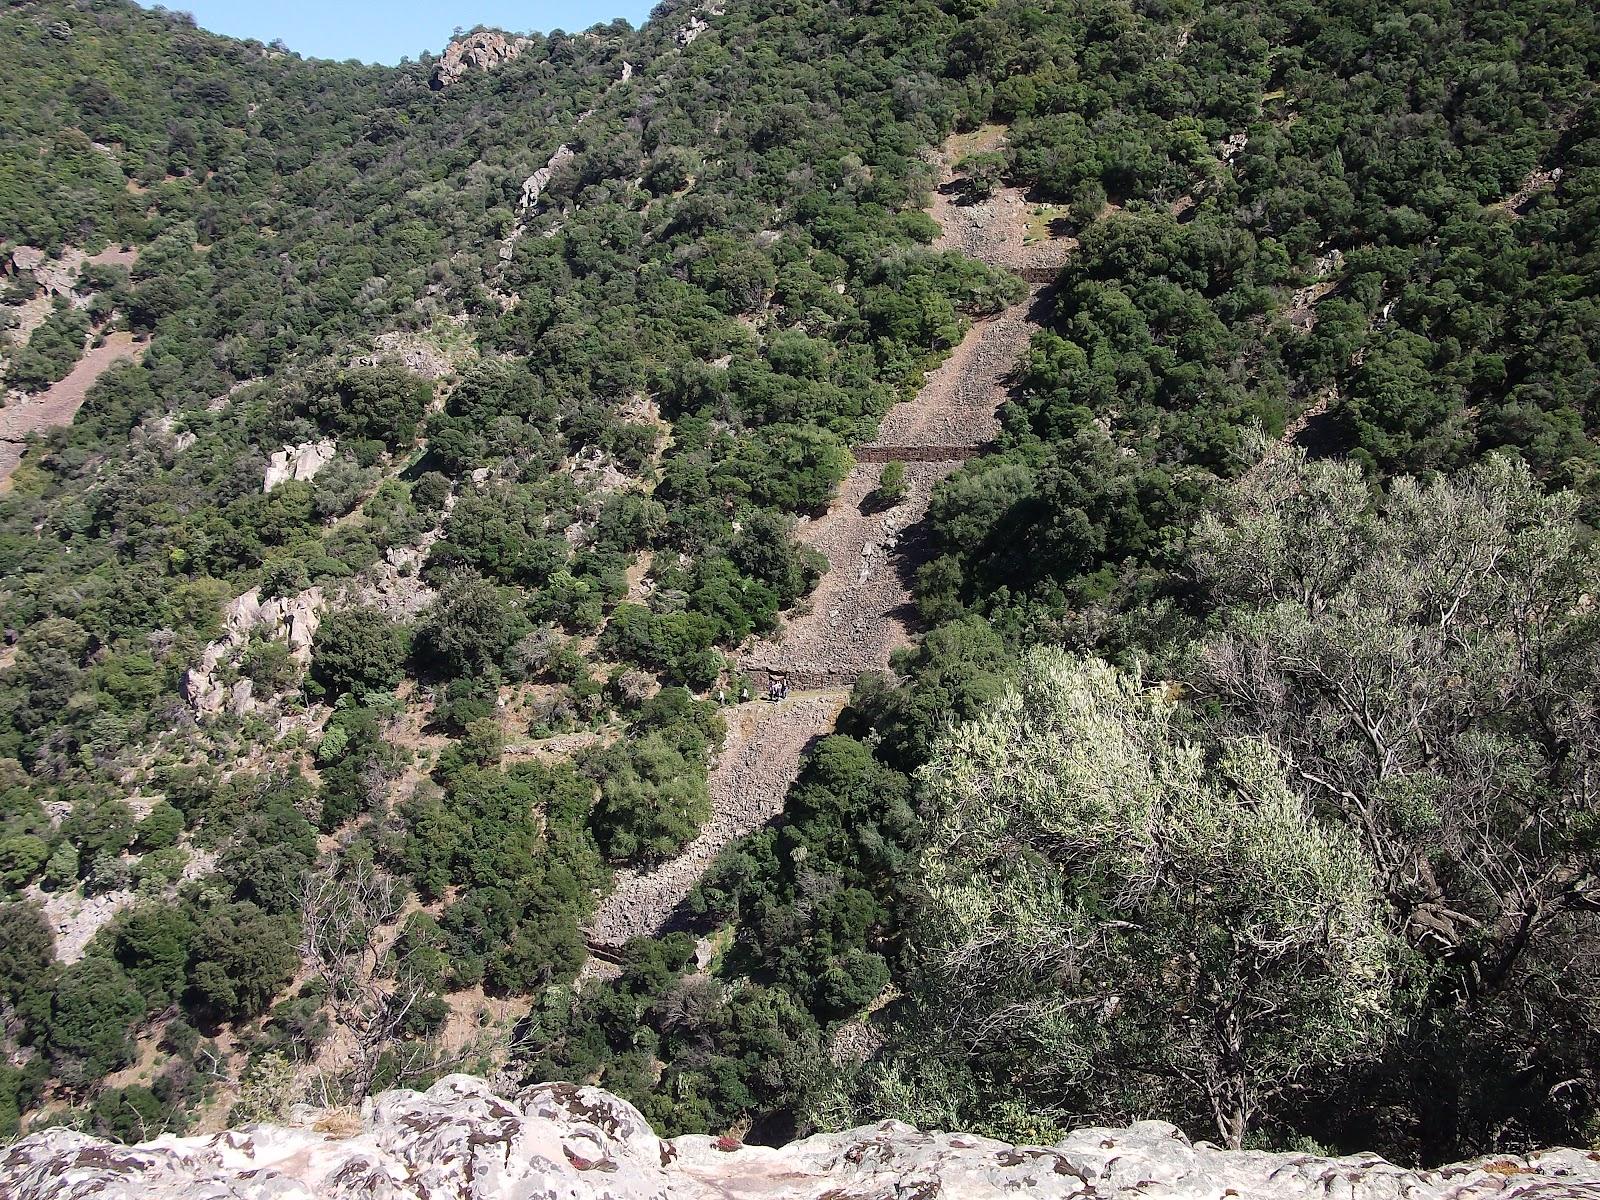 escursione-monte-arcosu-a5-panoramadalpianoro2